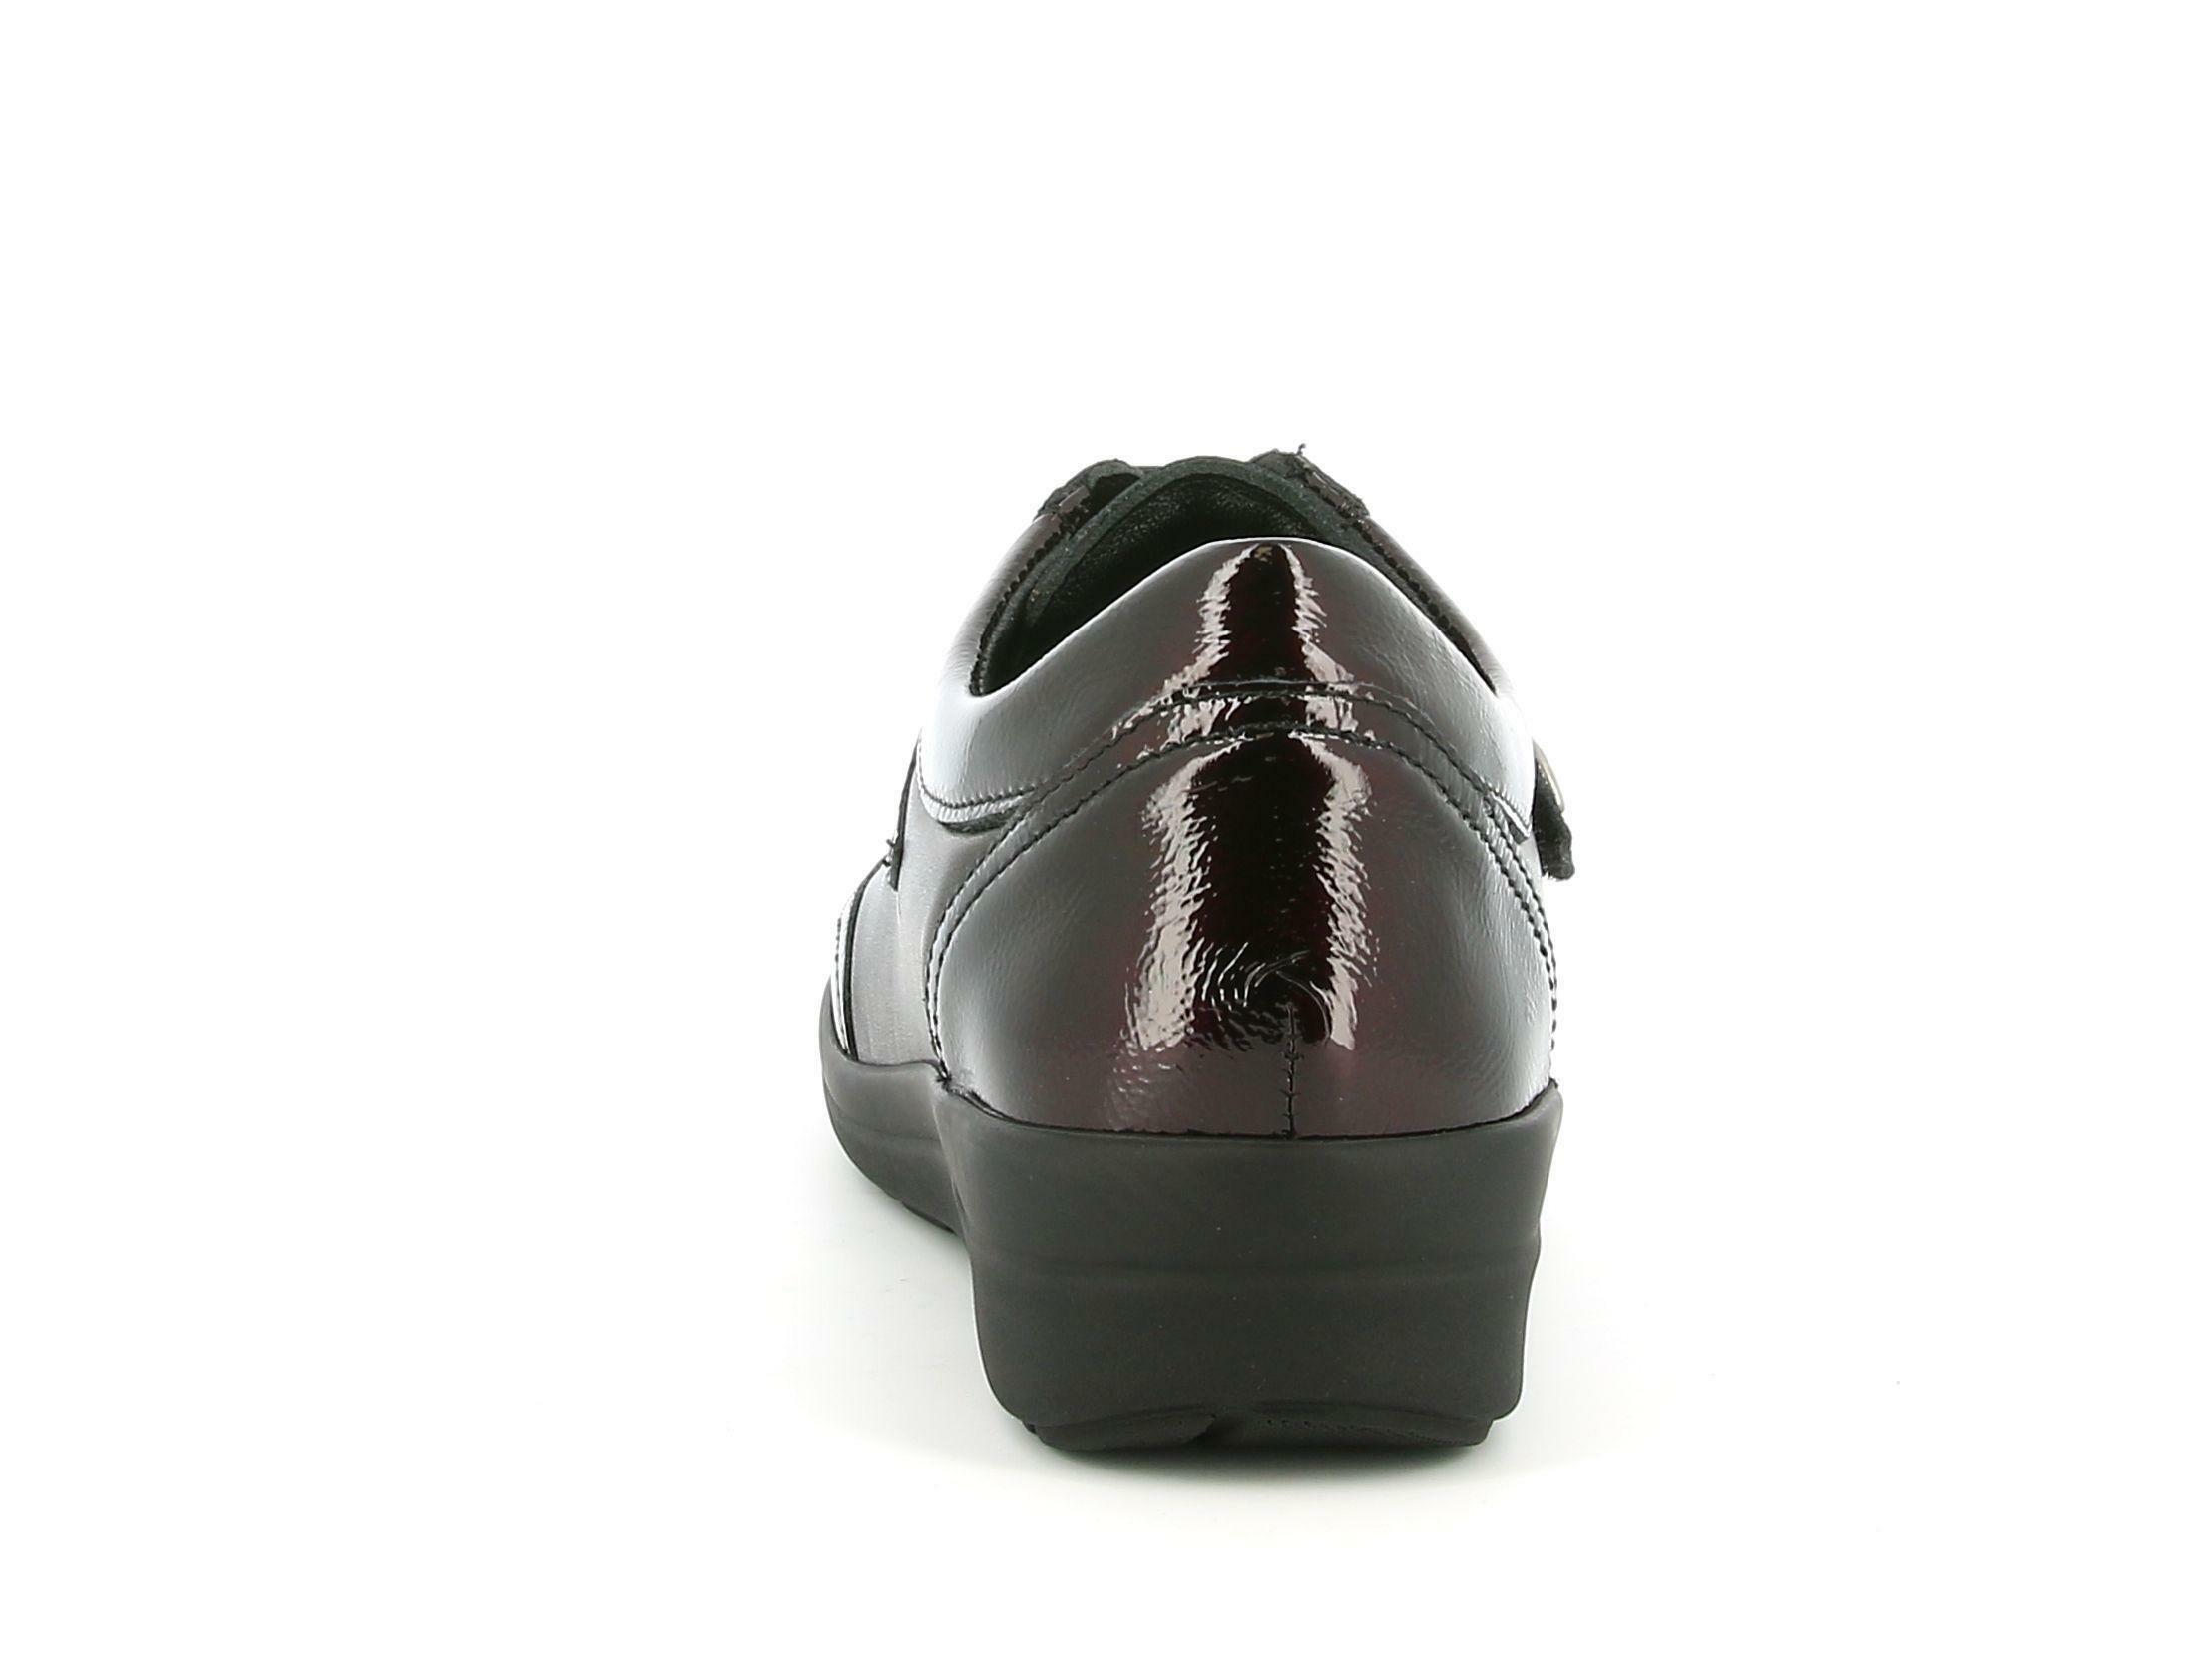 grunland grunland strappo sportivo sc5126 68niff bordeaux scarpe sportive donna